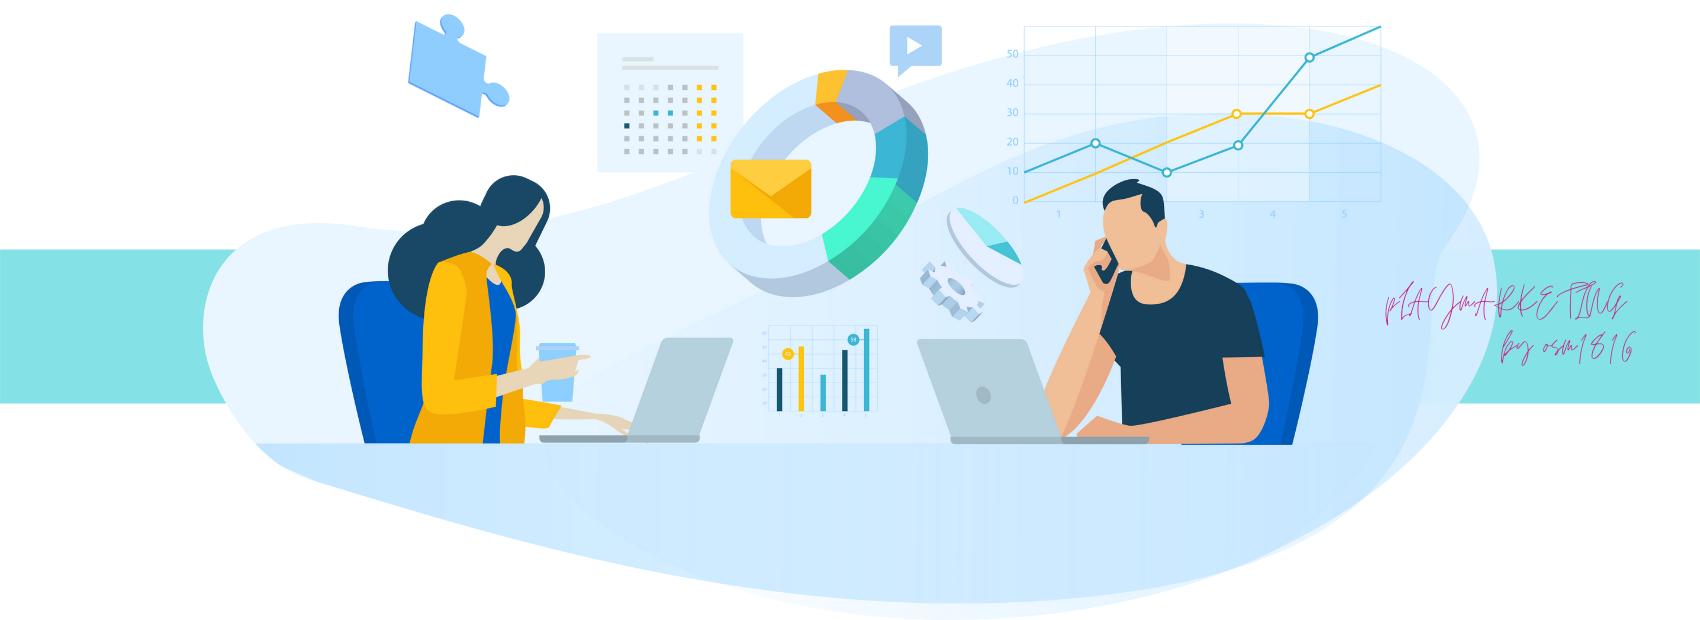 Come utilizzare le ricerche di mercato per il tuo business